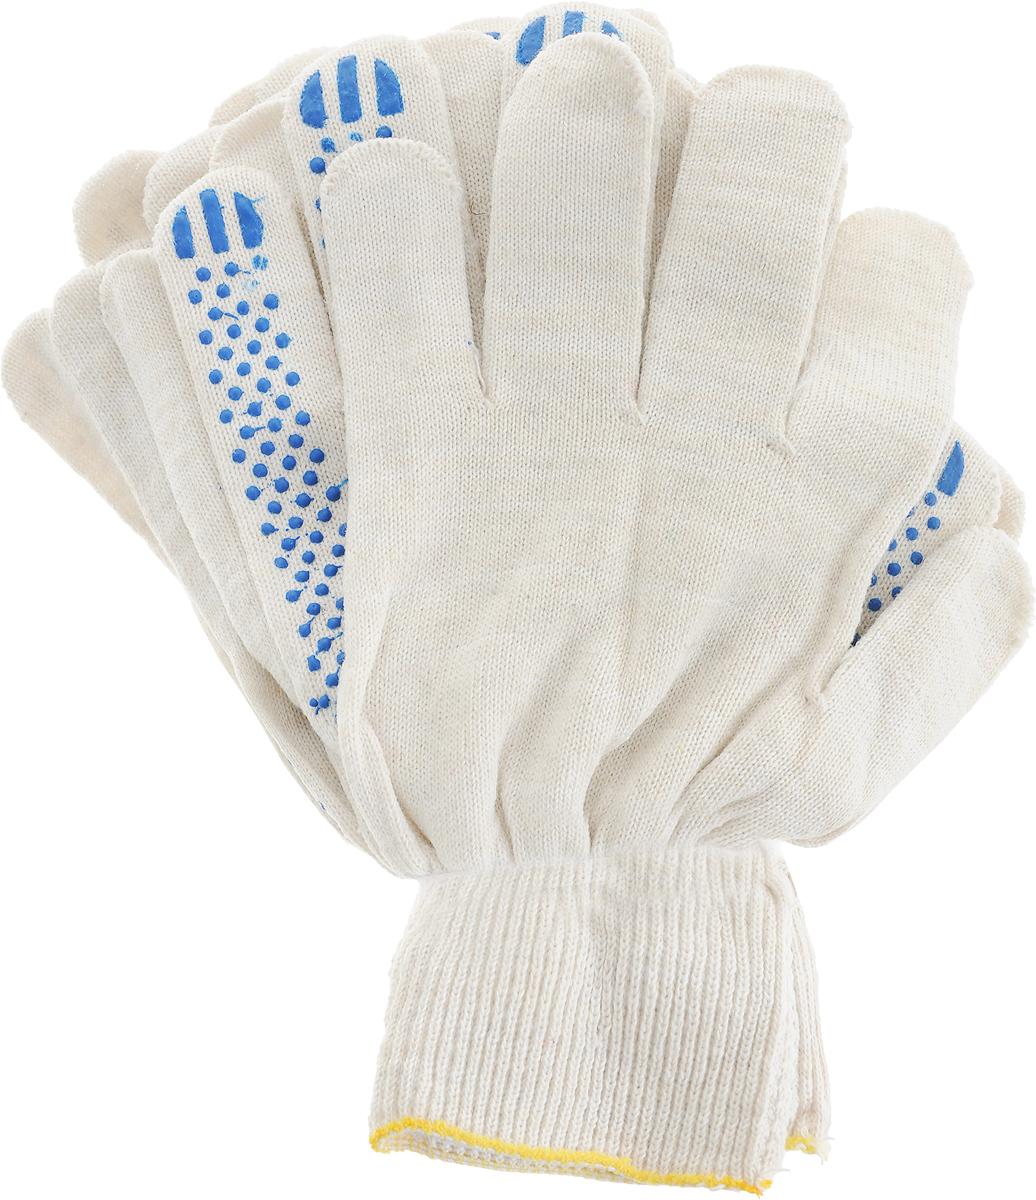 Перчатки Вихрь, с ПВХ покрытием, 5 пар. 73/4/1/373/4/1/3Вязаные перчатки Вихрь, выполненные из хлопка и полиэфира, предназначены для строительных и погрузочно-разгрузочных работ. Ладонная часть усилена слоем из ПВХ материала, что обеспечивает дополнительную защиту рук.